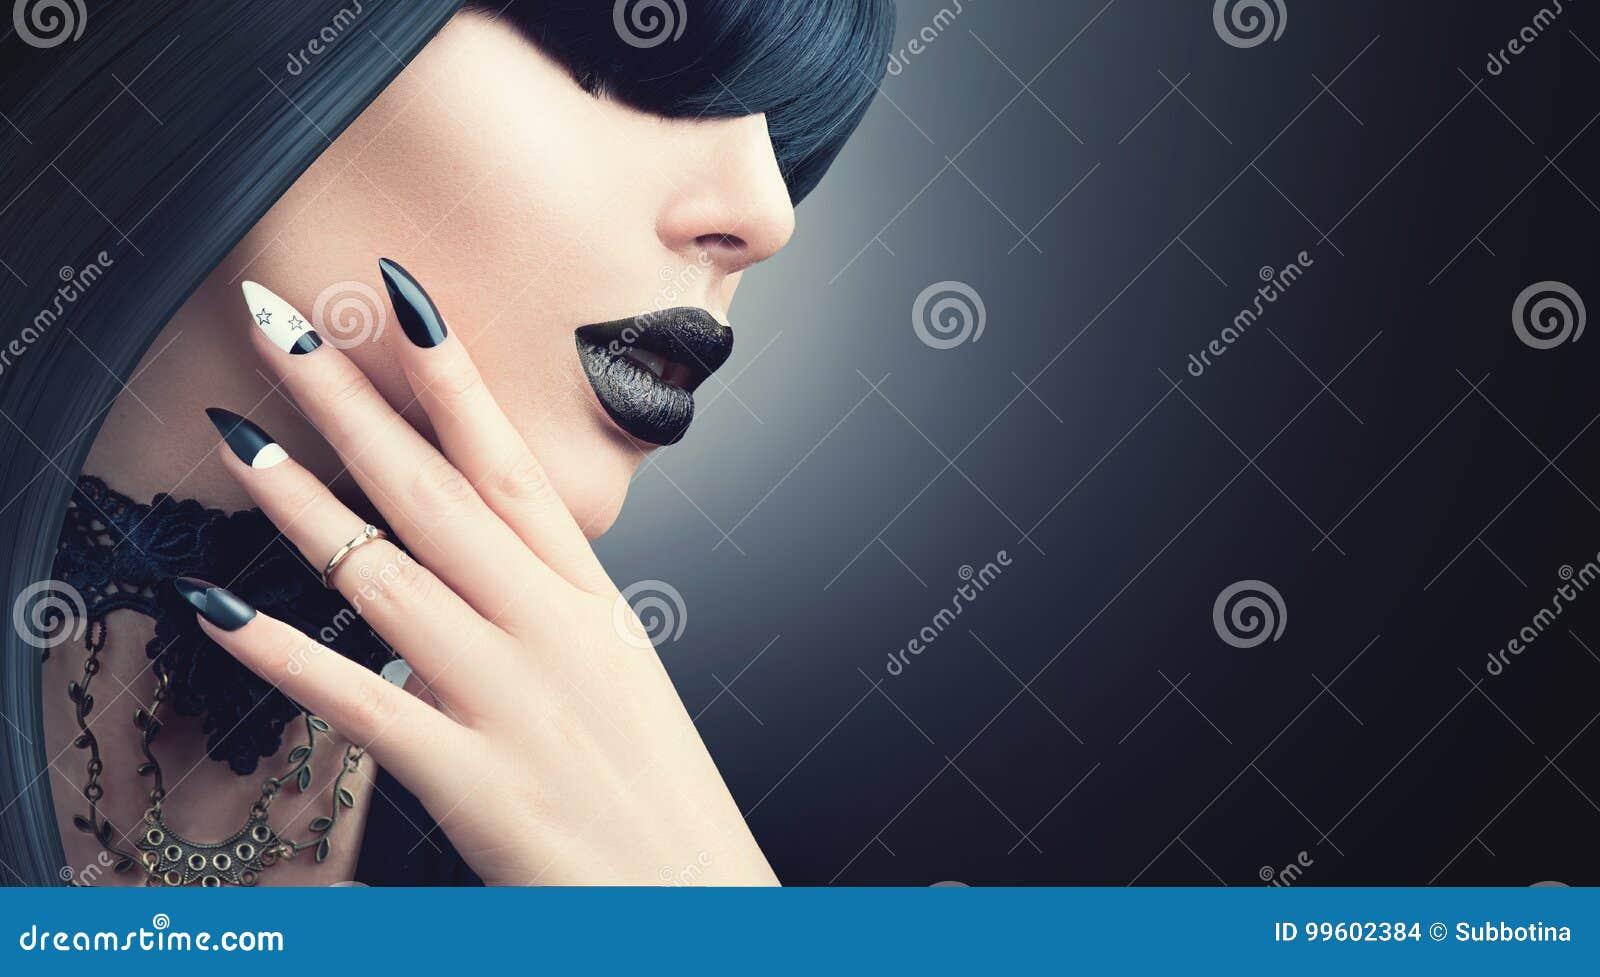 Forme a Halloween la muchacha modelo con el peinado, el maquillaje y la manicura negros góticos